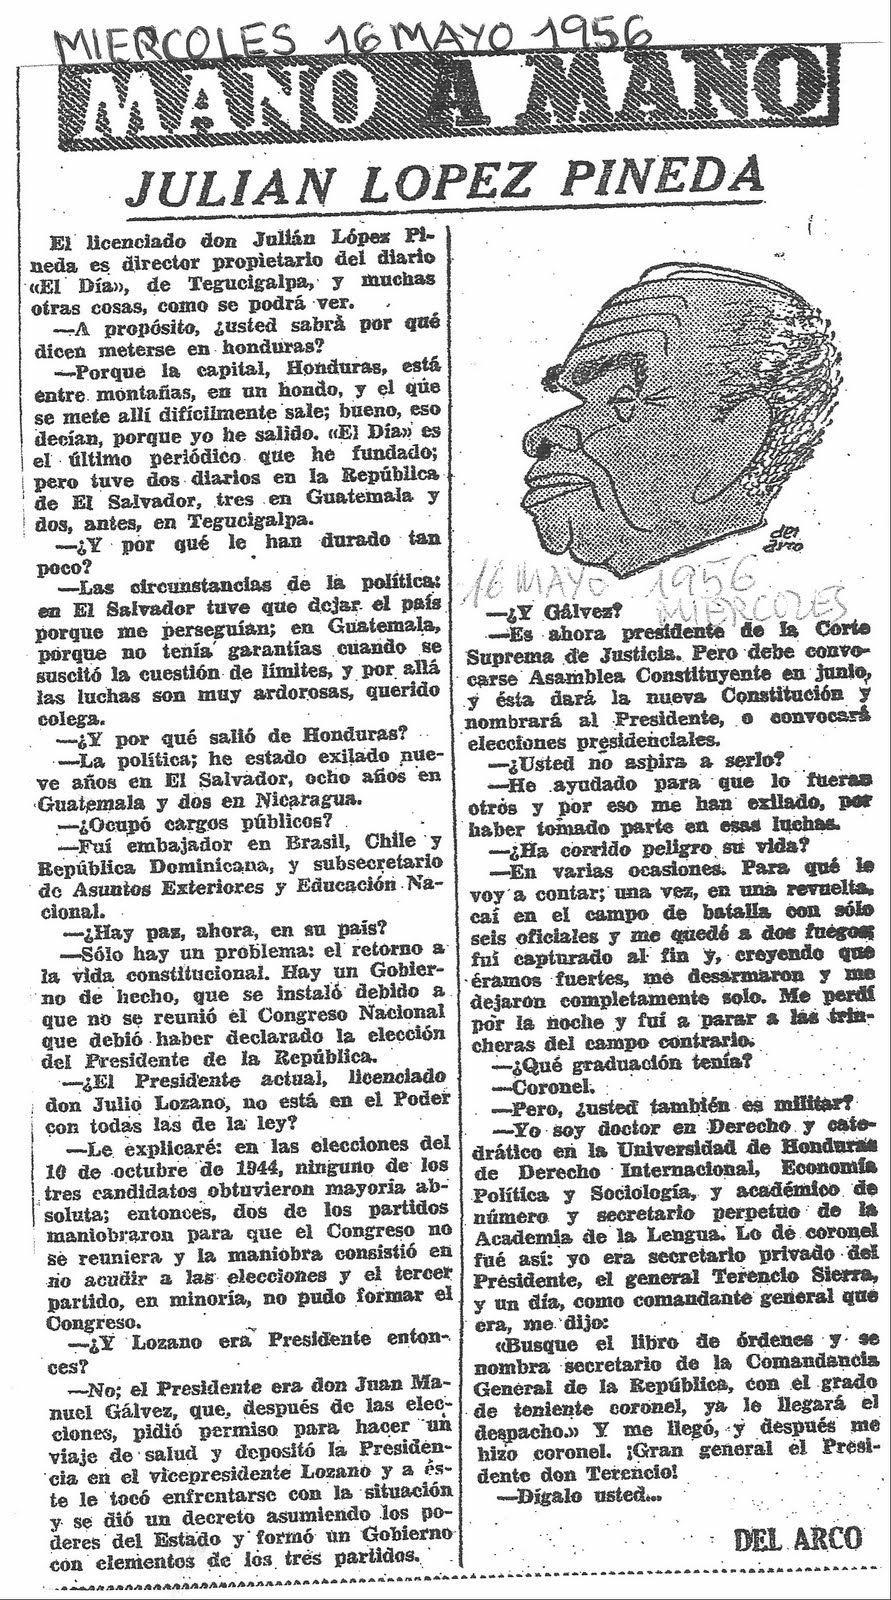 Artículo de Julián López Pineda para Mano a Mano realizada el miércoles 16 de mayo de 1956 y una caricatura de Pineda